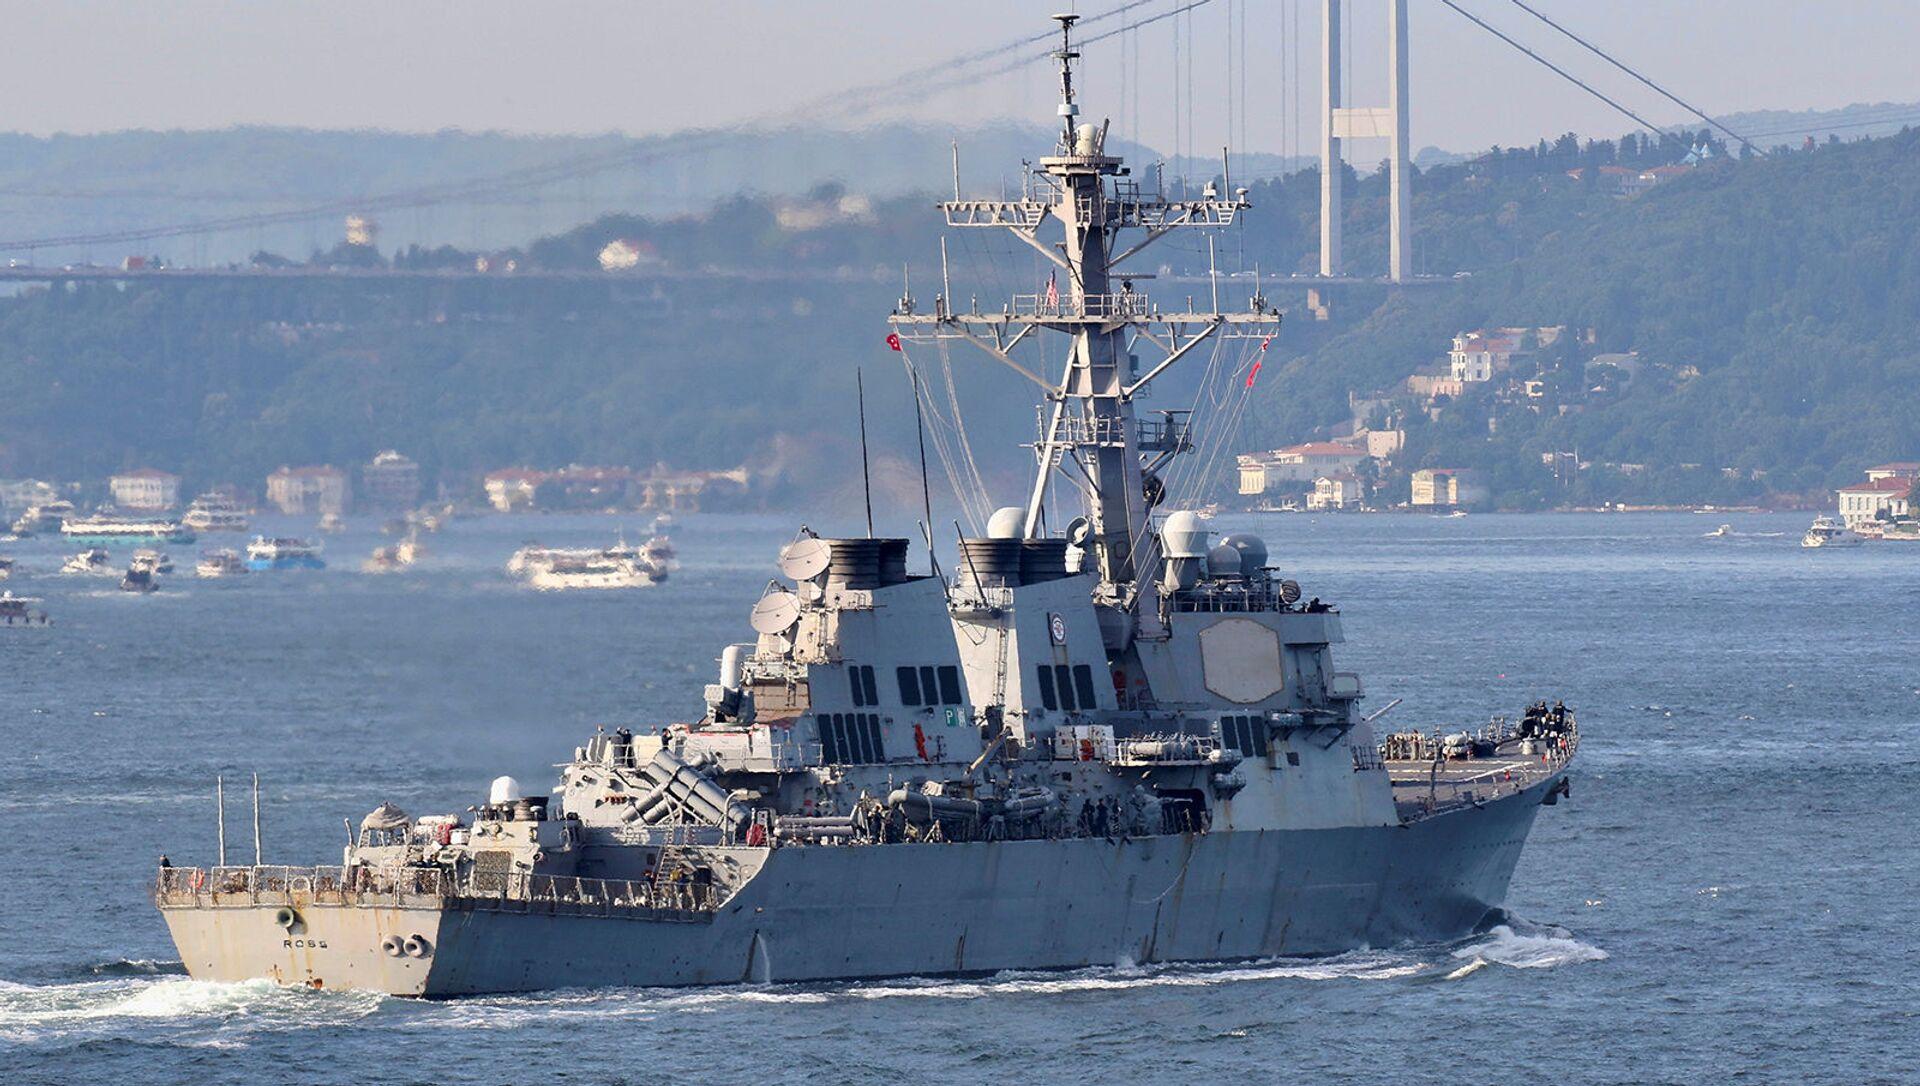 Эсминец с управляемыми ракетами ВМС США USS Ross плывет по проливу Босфор недалеко от Стамбула (26 июня 2021). Турция - Sputnik Արմենիա, 1920, 30.06.2021